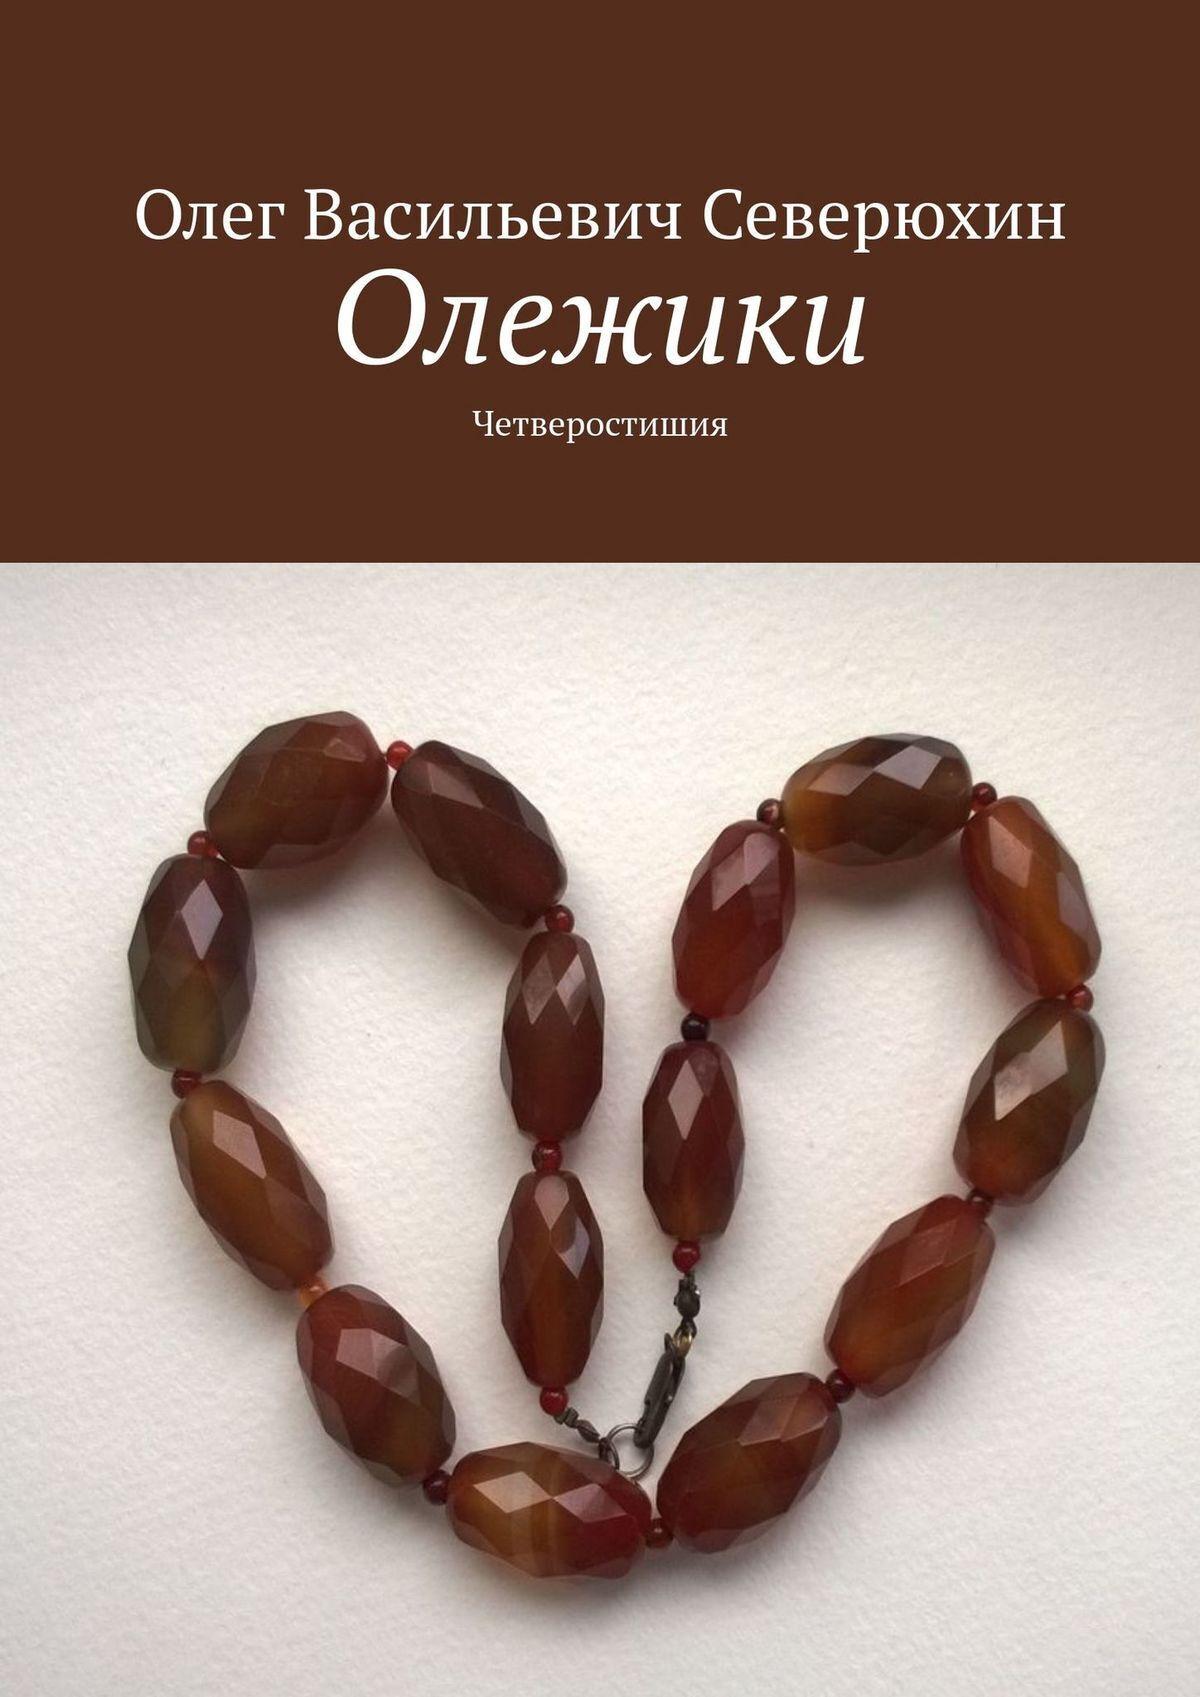 Олег Васильевич Северюхин Олежики. Четверостишия олег васильевич северюхин утро 2020 года